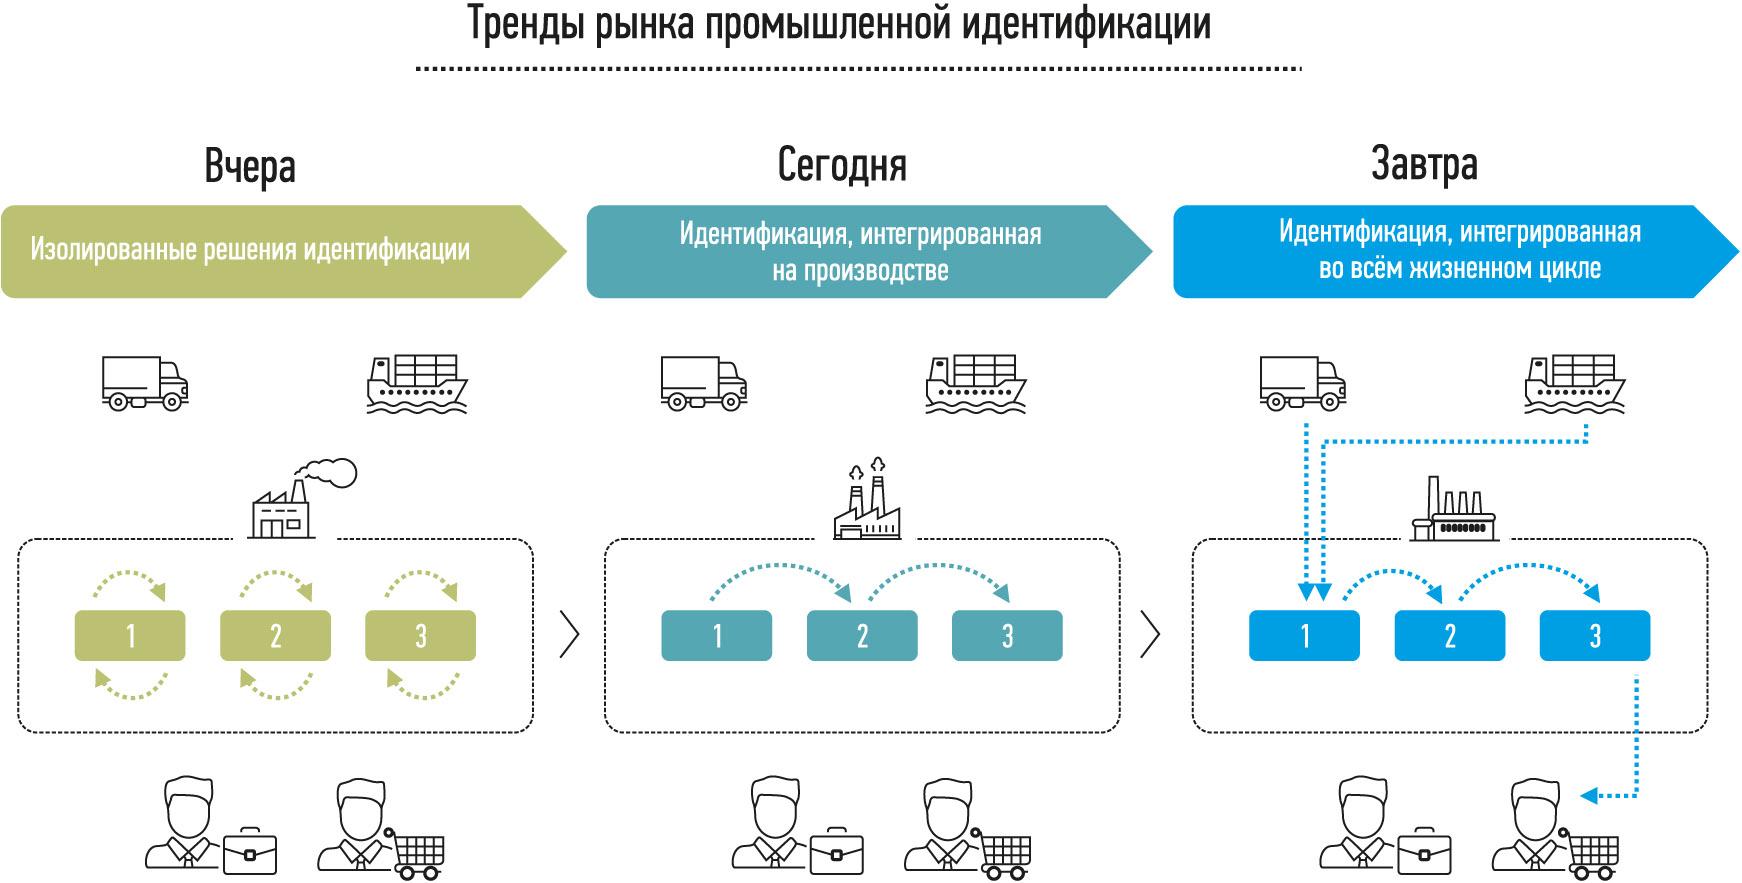 Развитие рынка промышленной идентификации